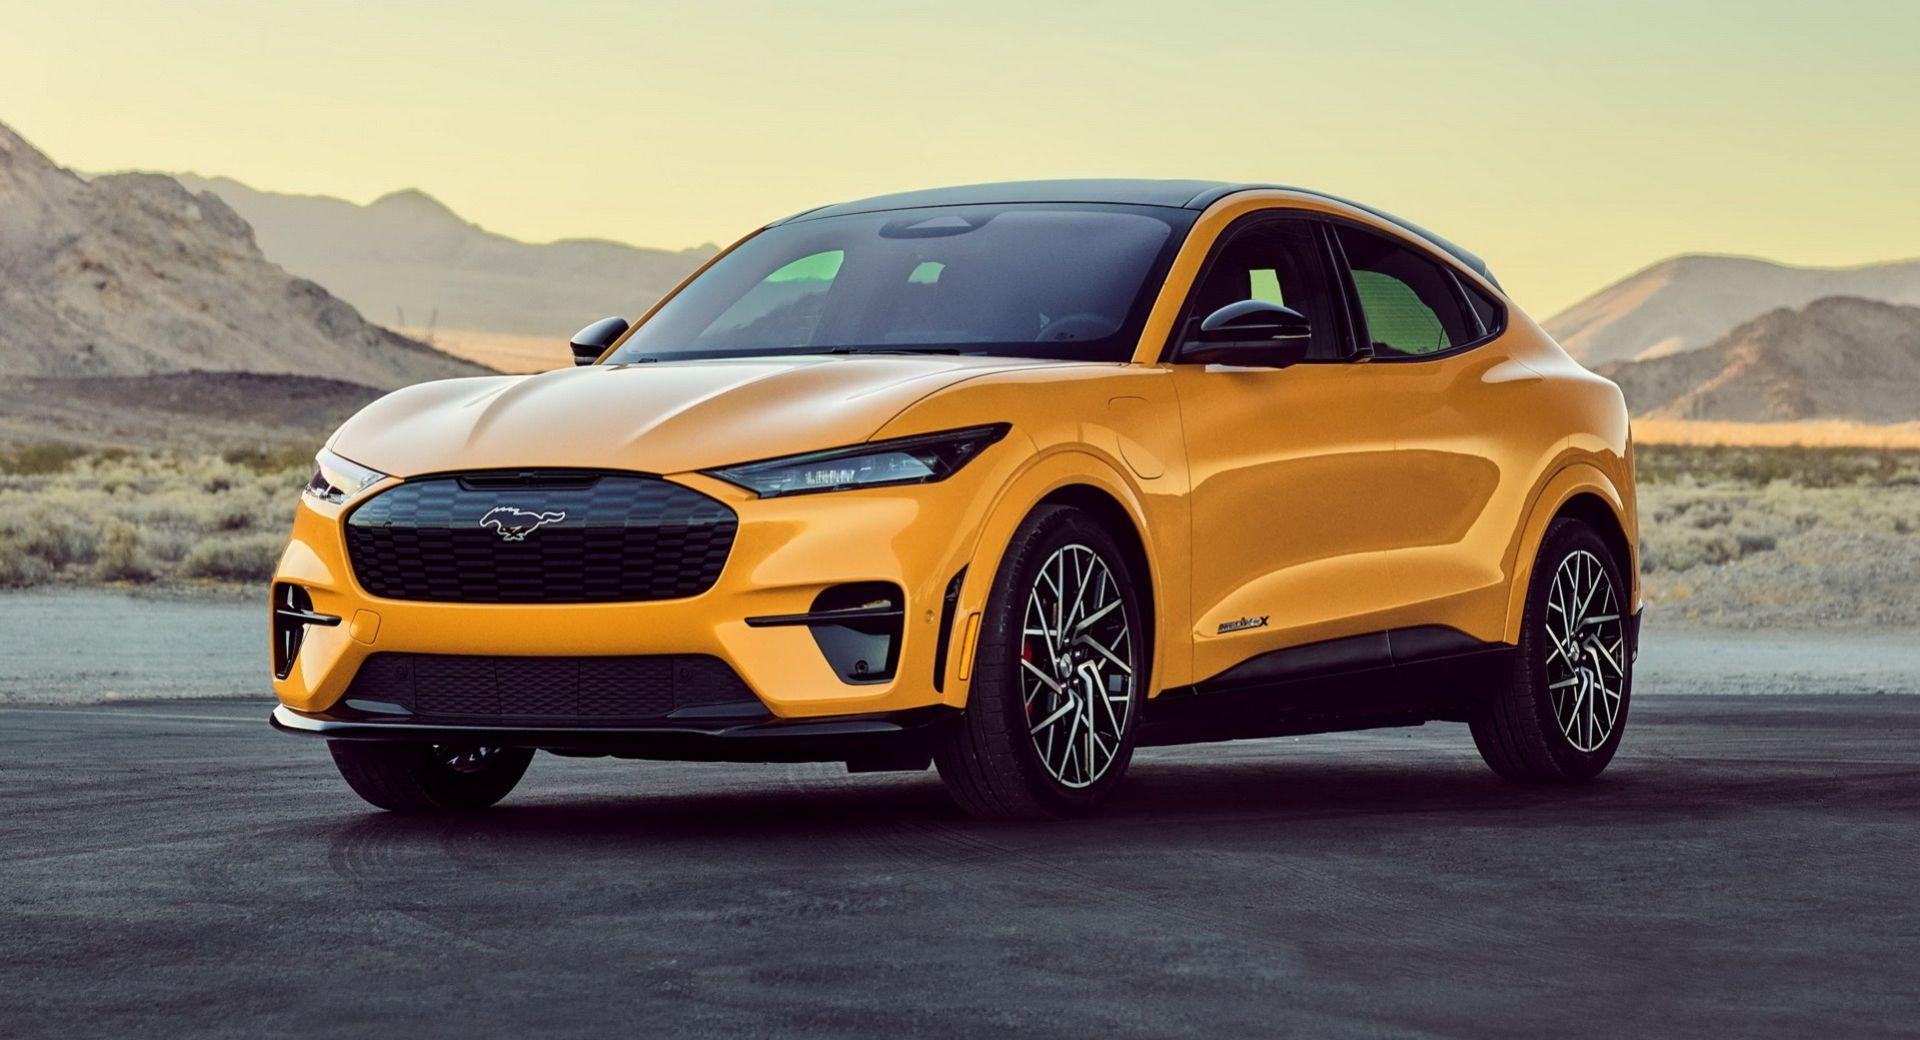 Ford visar prestandaversion av Mustang Mach-E